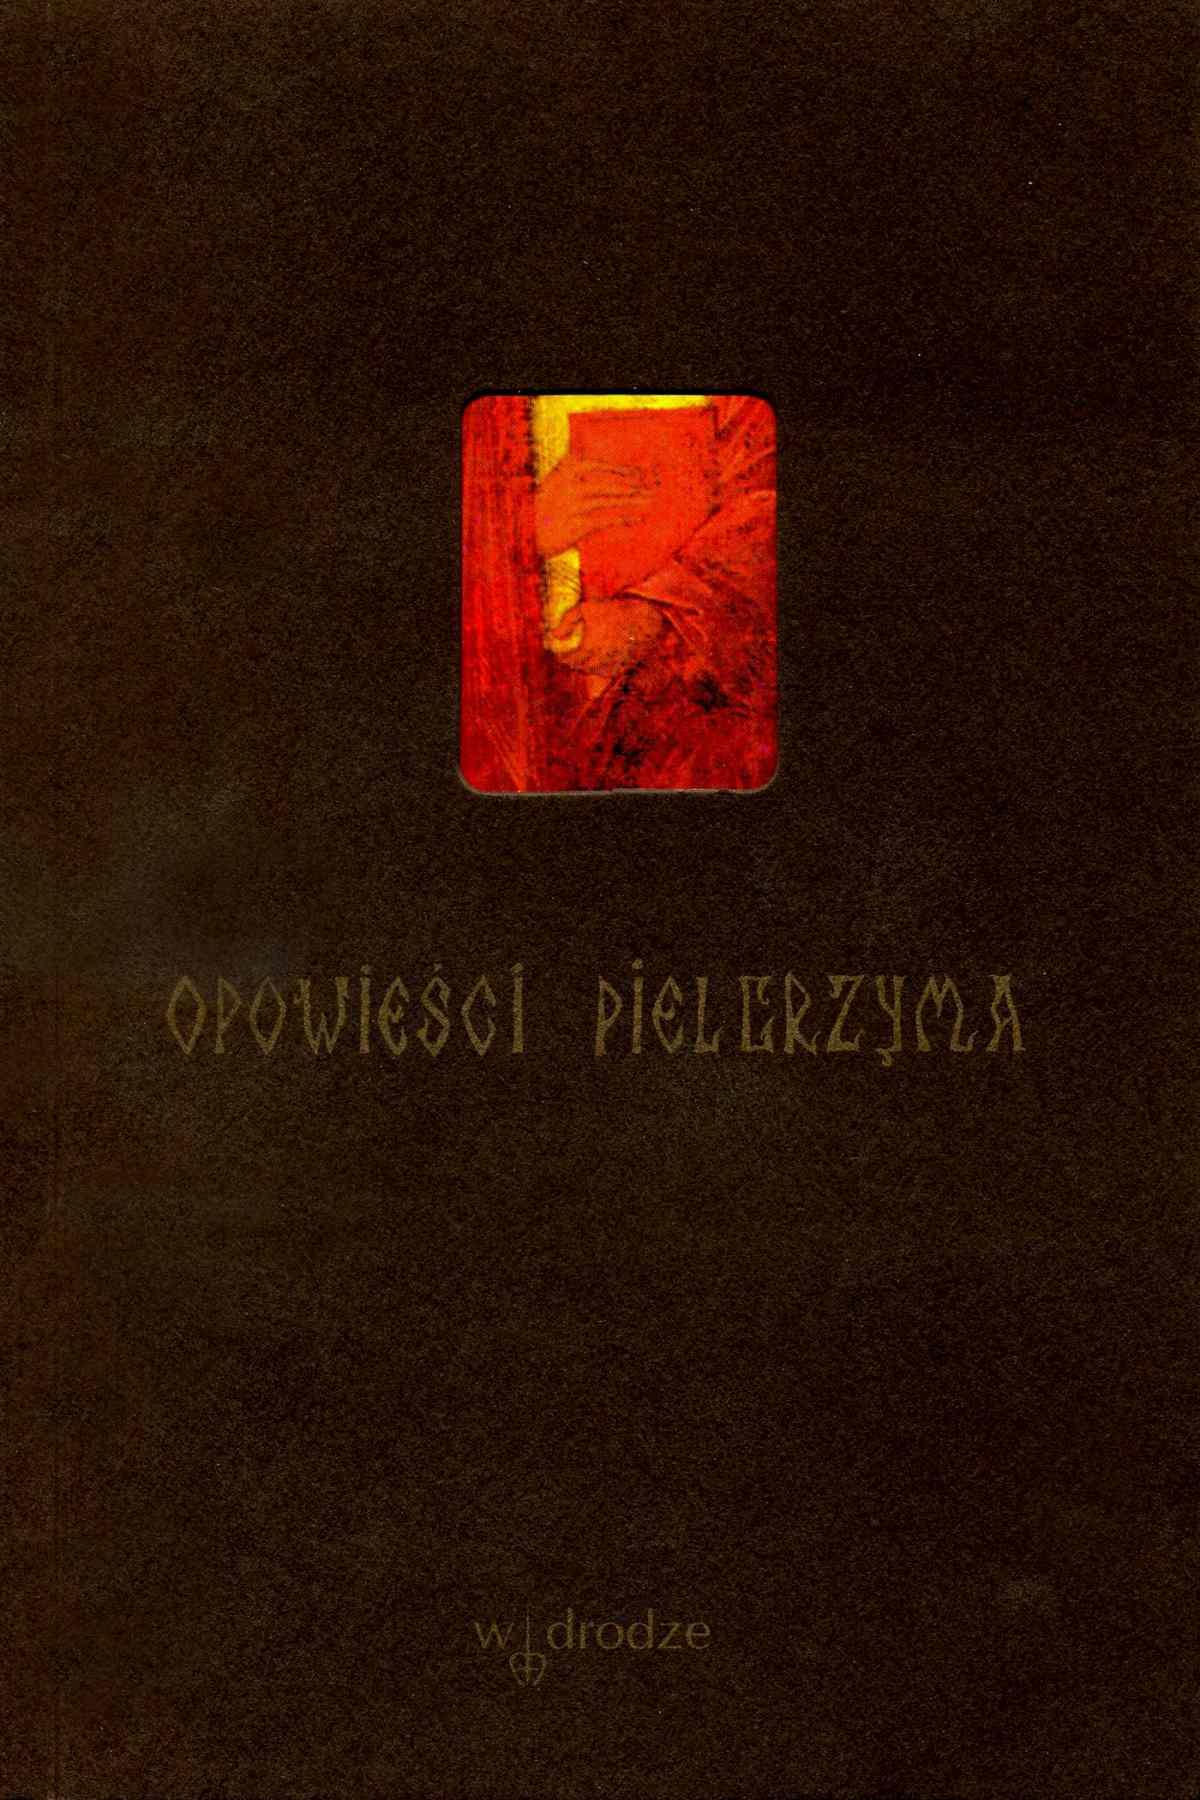 Opowieści pielgrzyma - Ebook (Książka PDF) do pobrania w formacie PDF